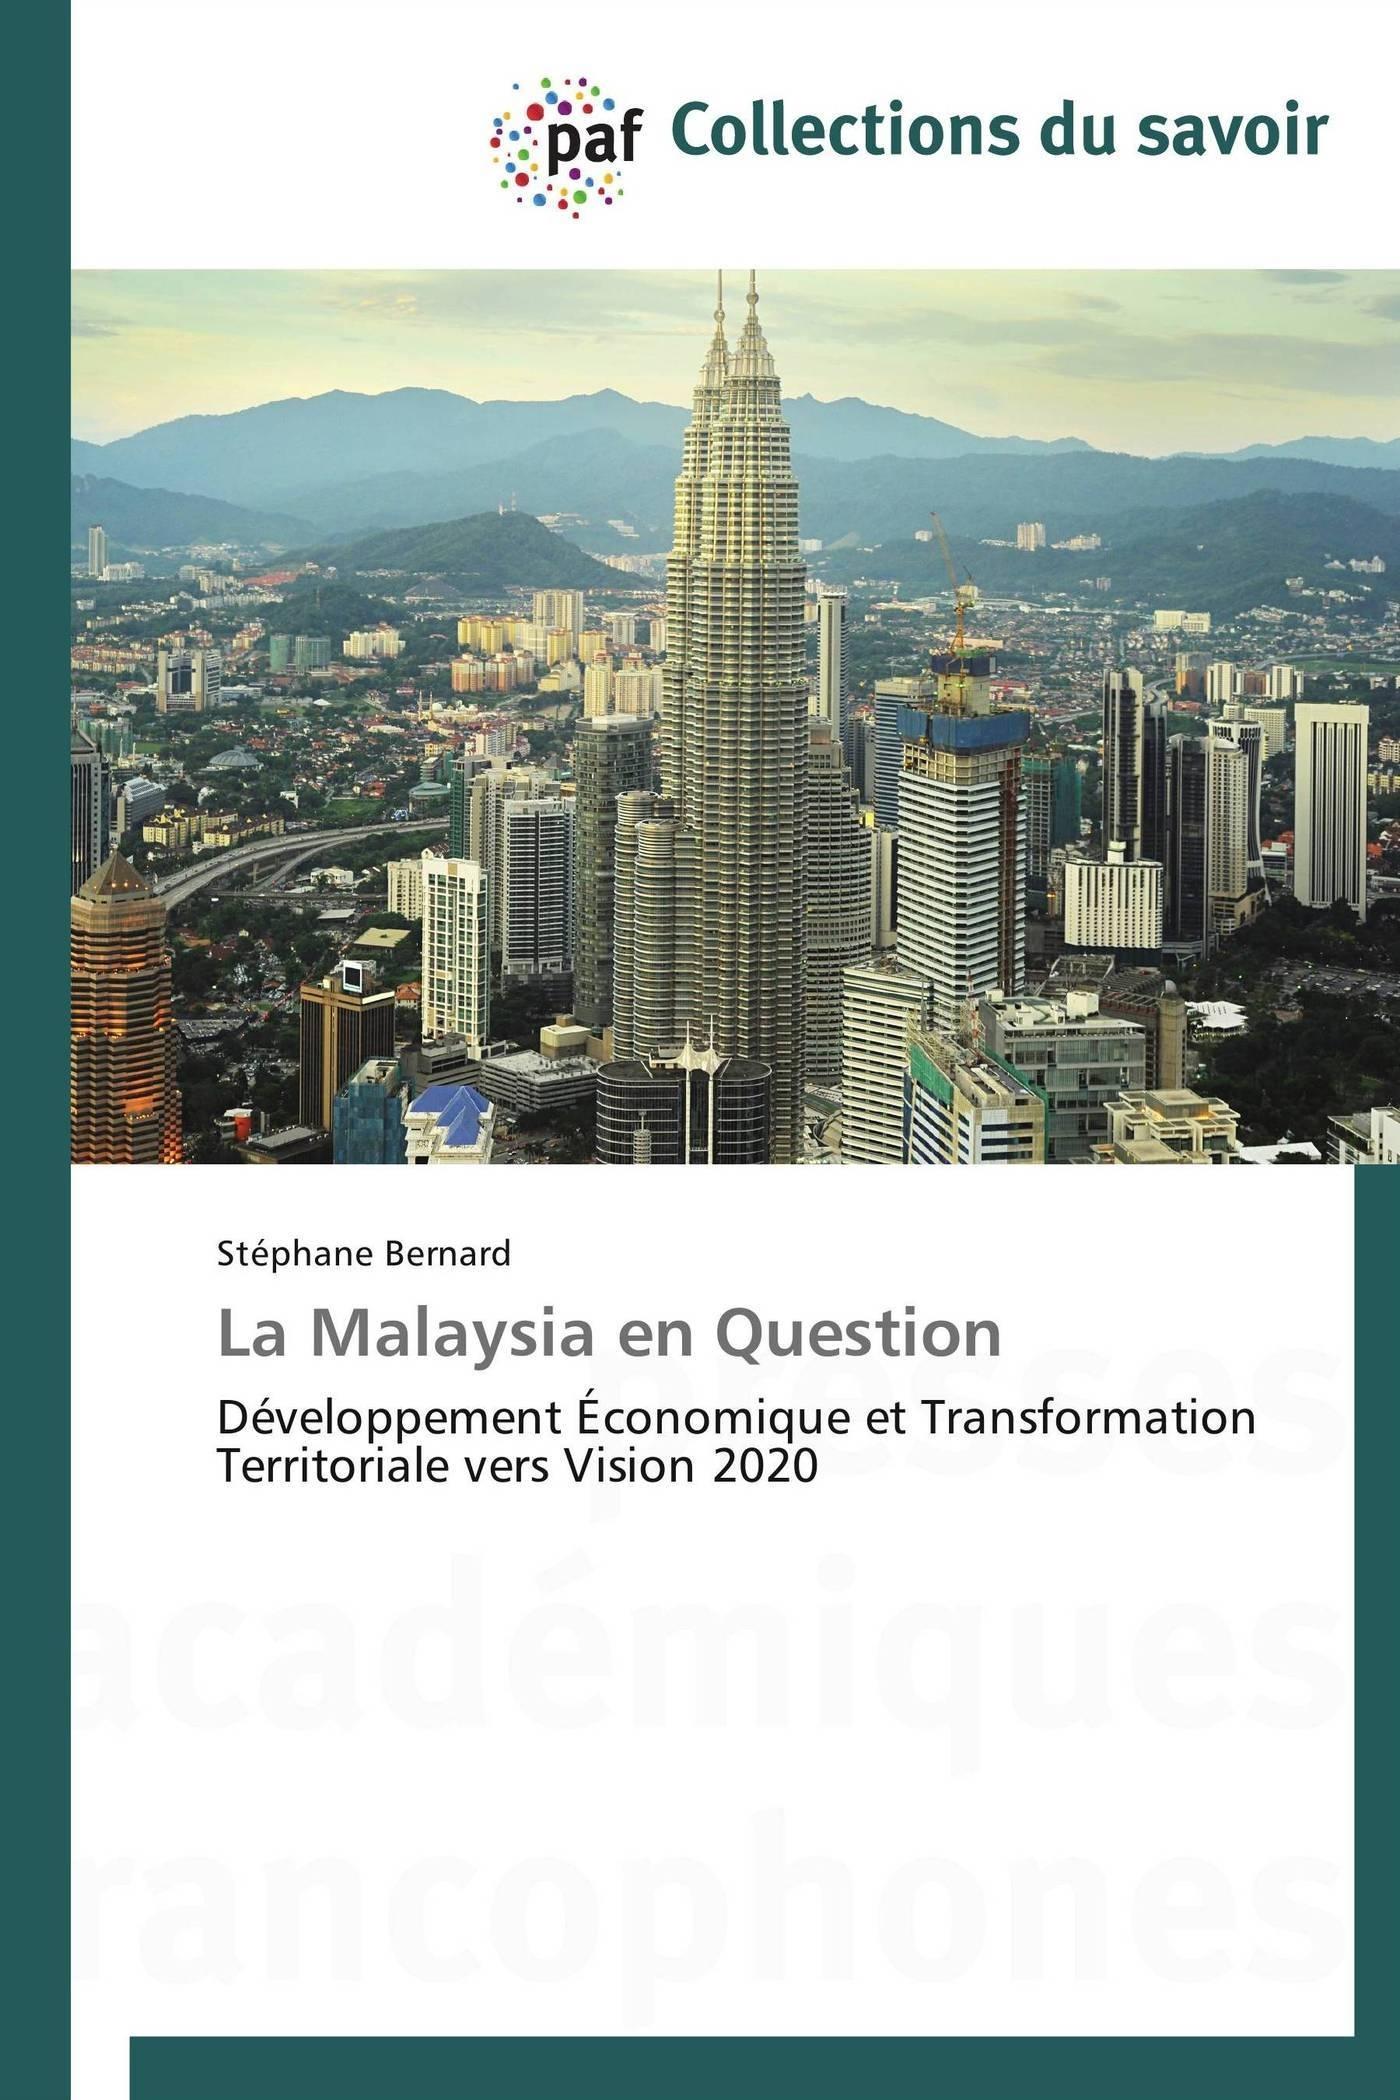 LA MALAYSIA EN QUESTION